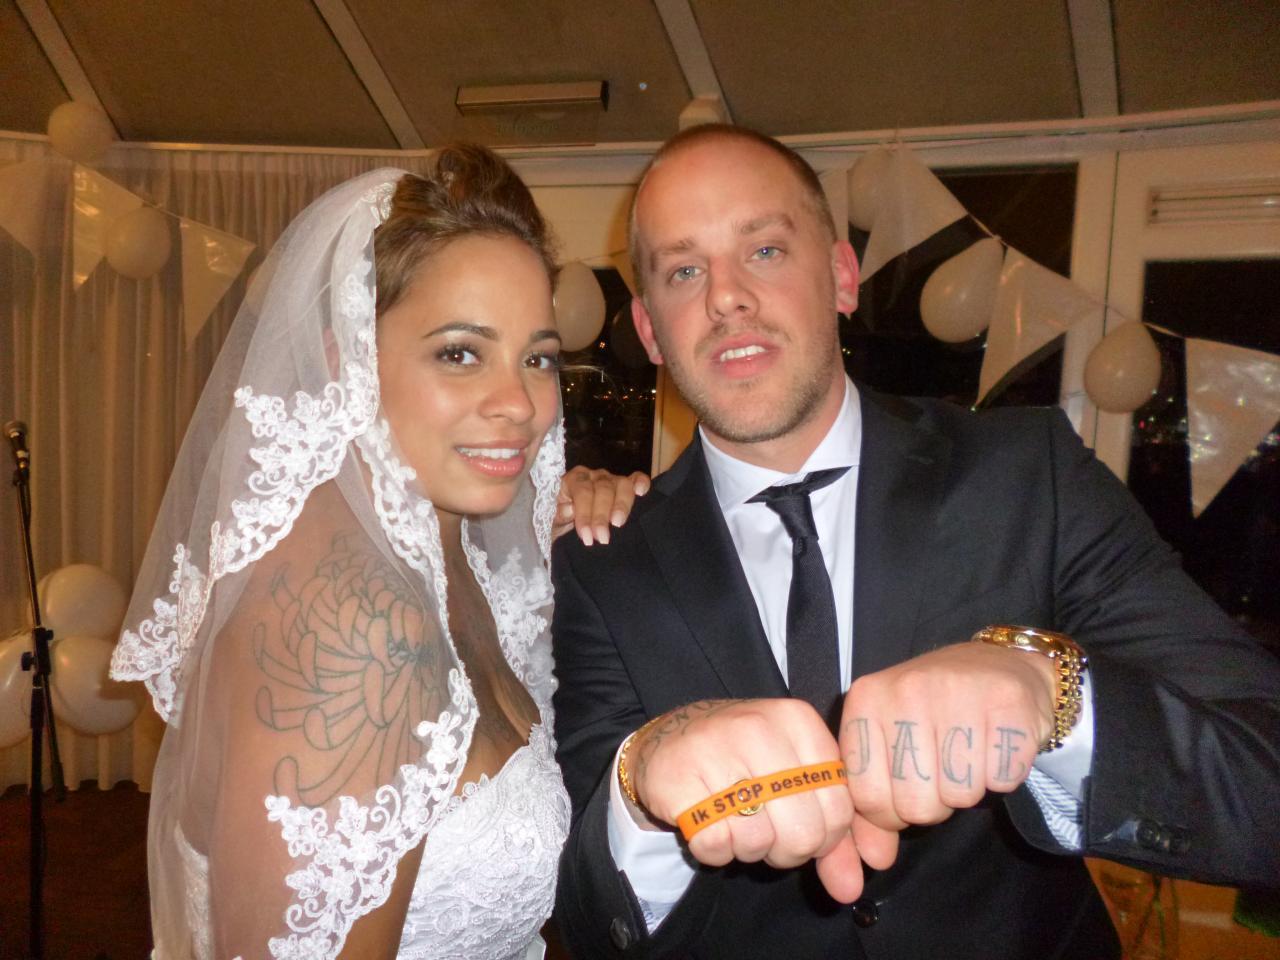 Tim Kimman zegt Ik STOP pesten nu op zijn bruiloft met Marissa